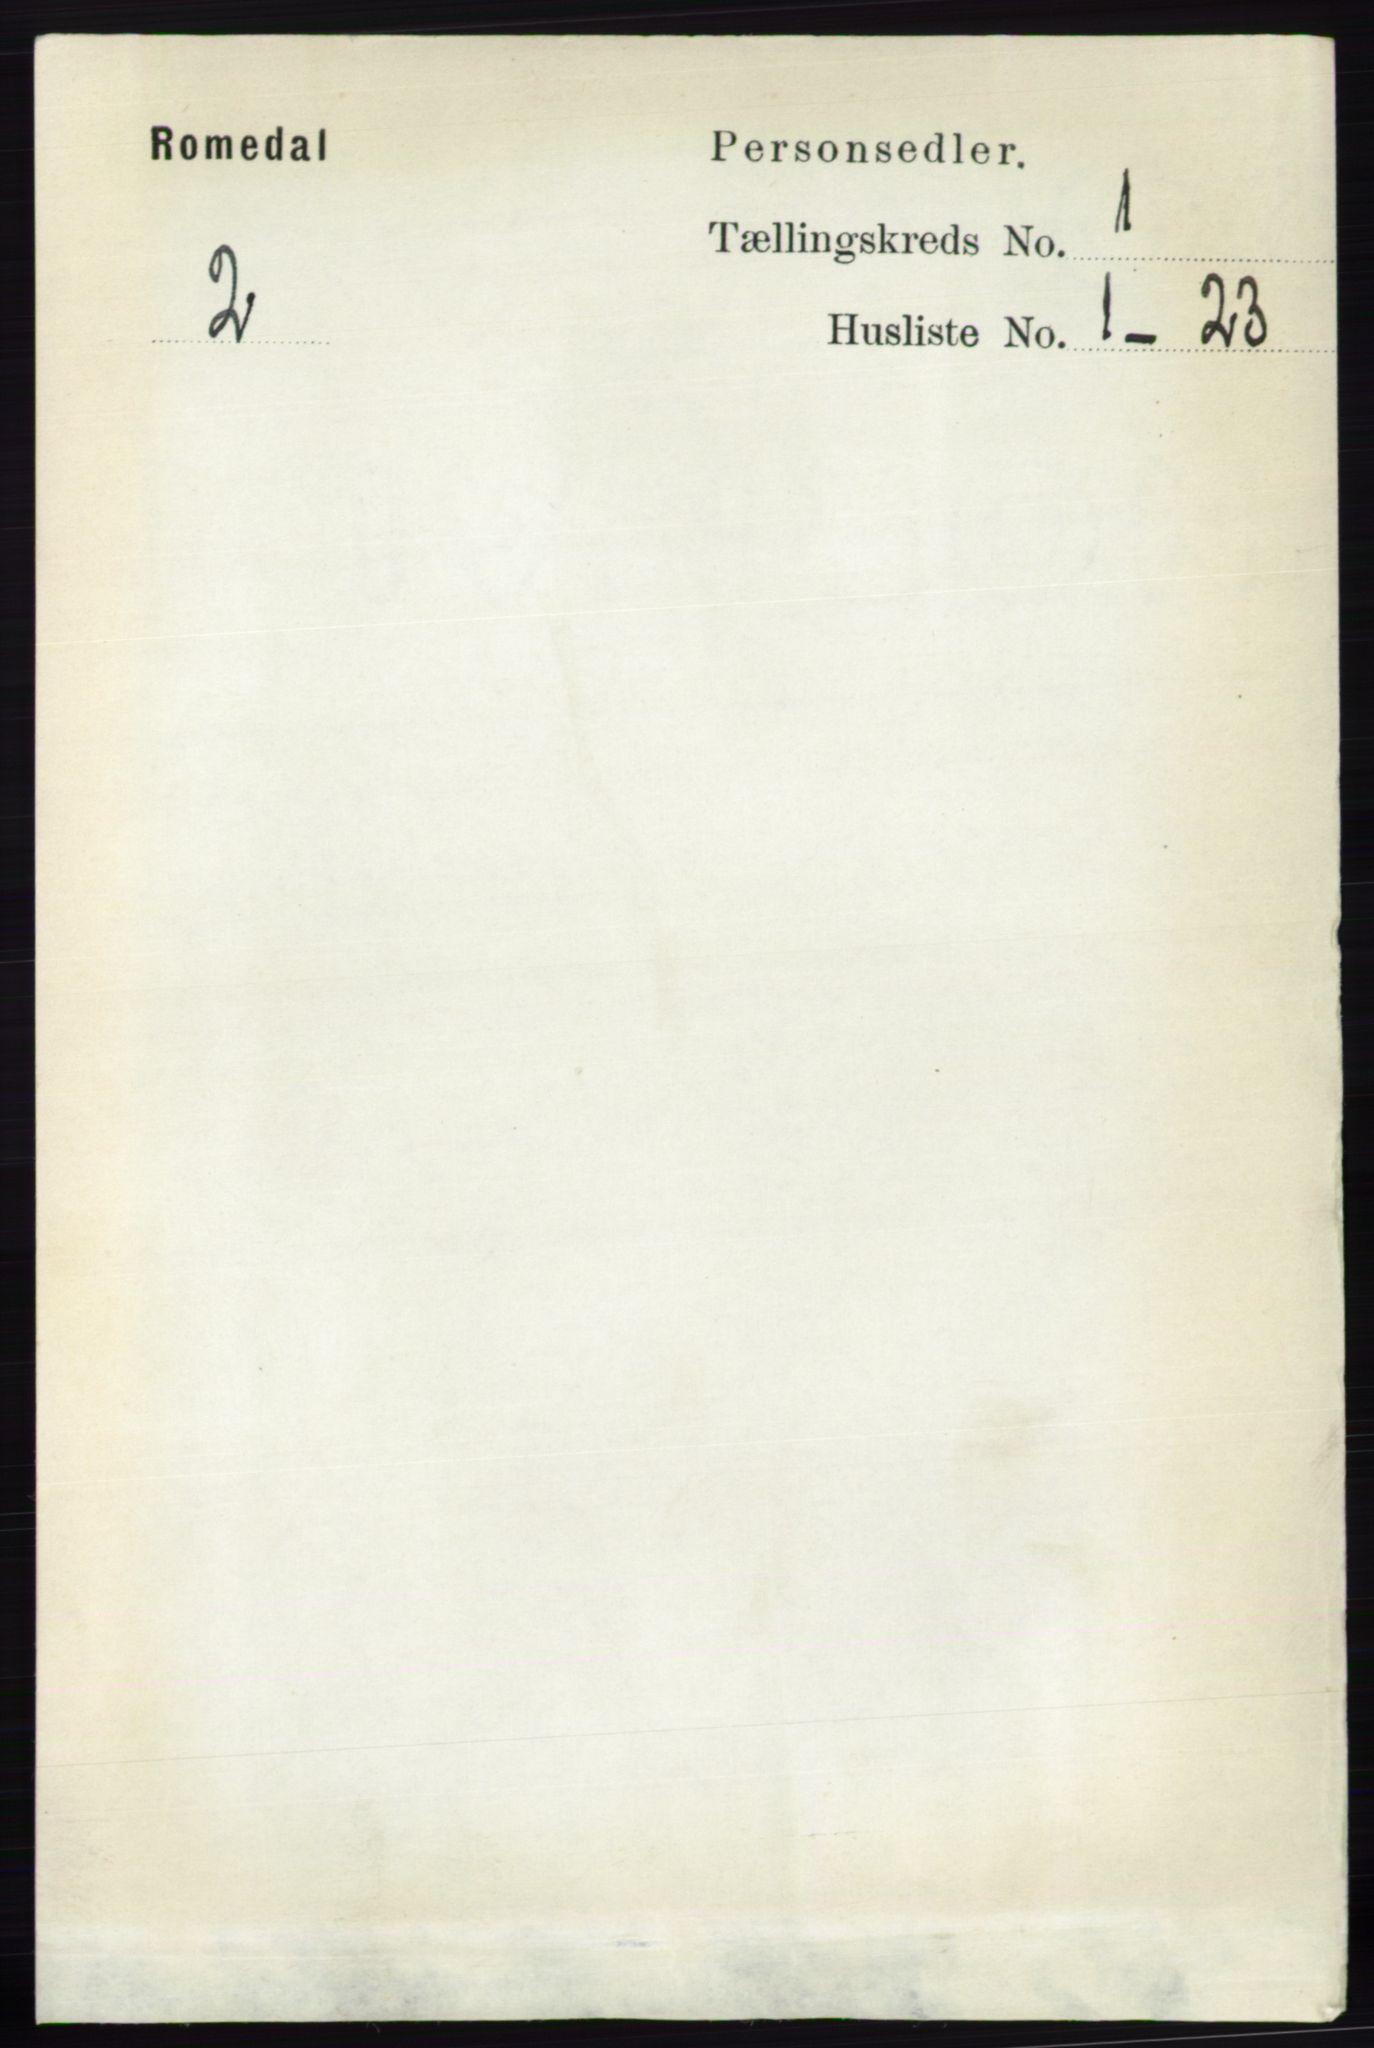 RA, Folketelling 1891 for 0416 Romedal herred, 1891, s. 118